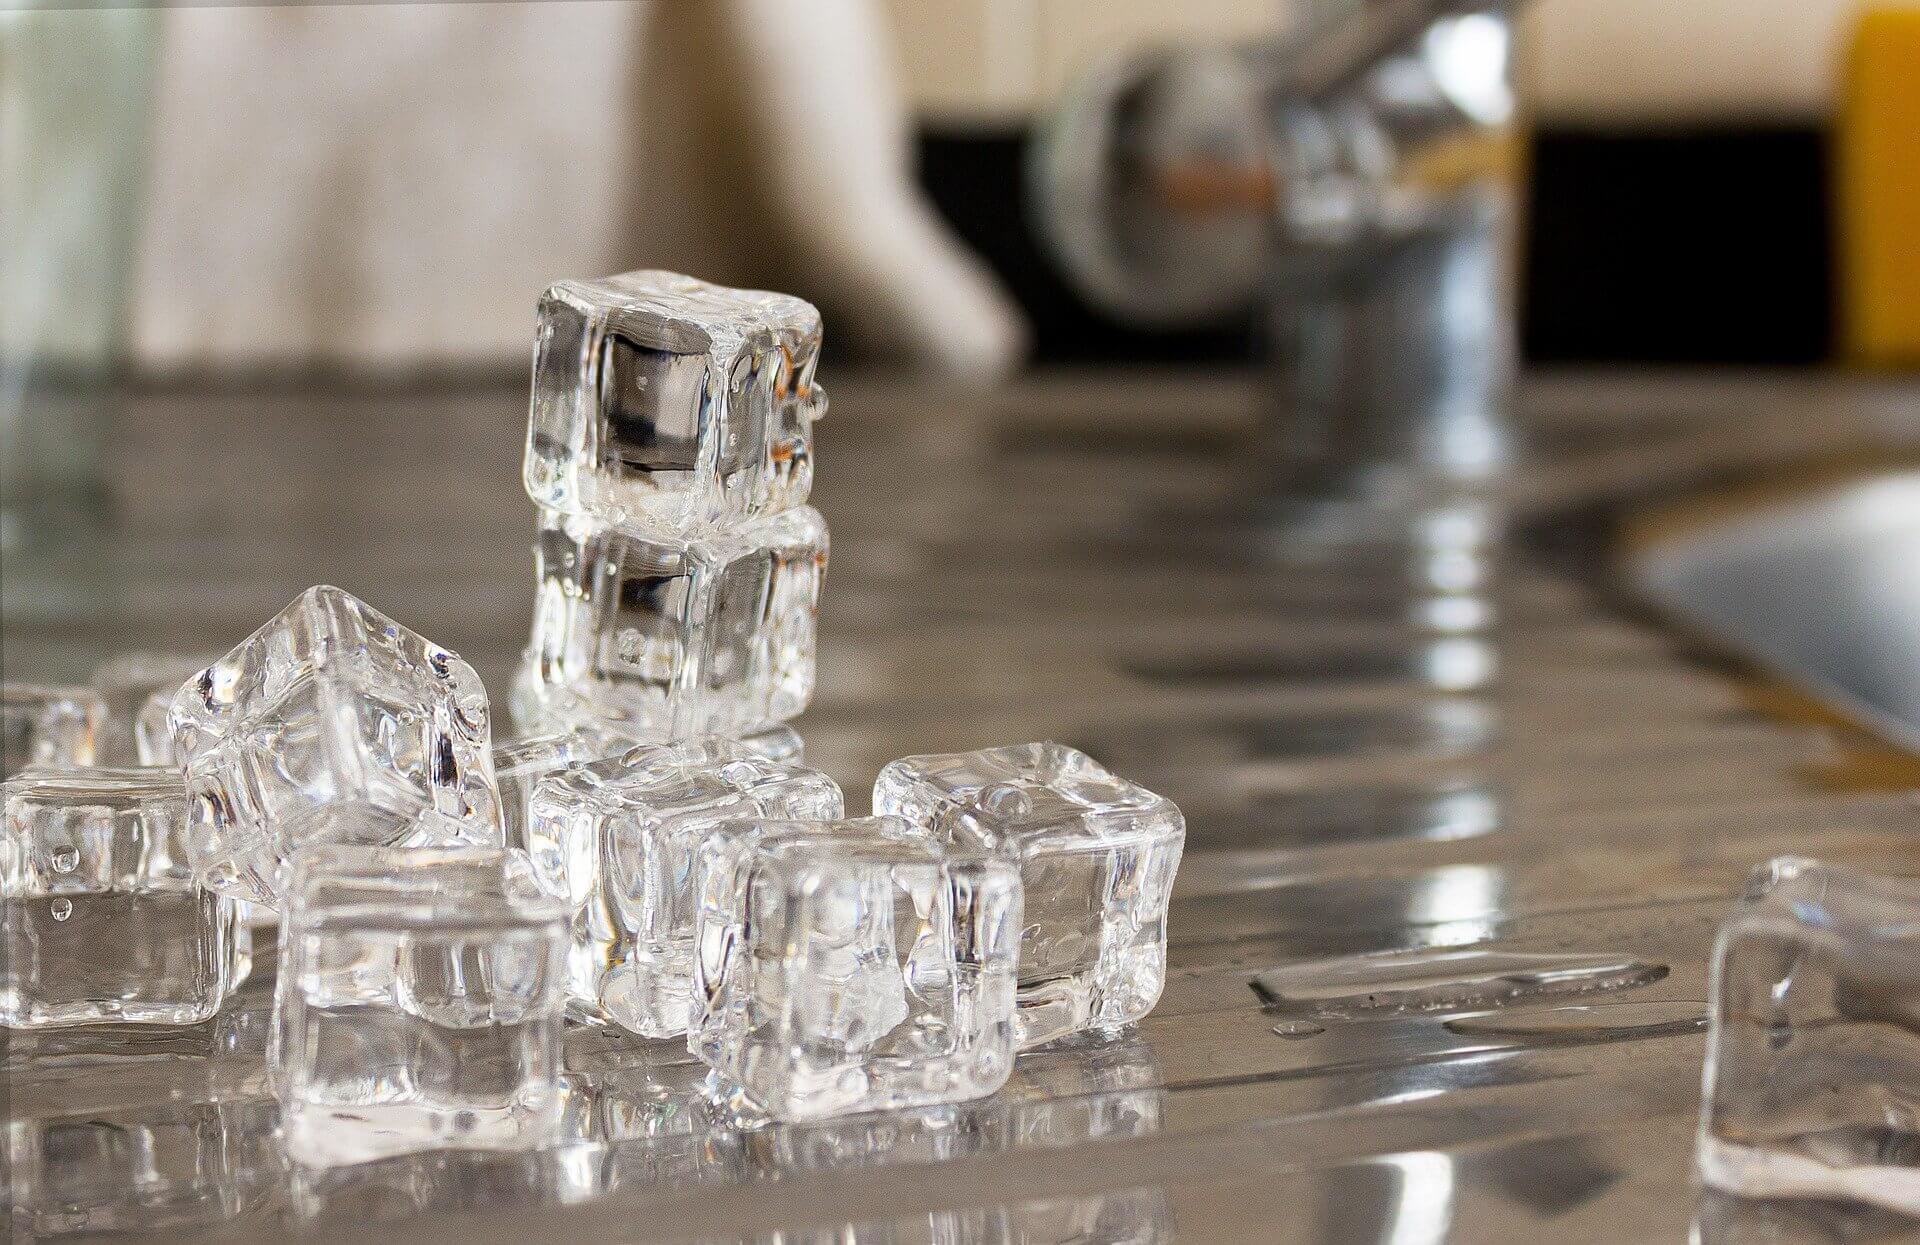 Pedras de gelo derretendo